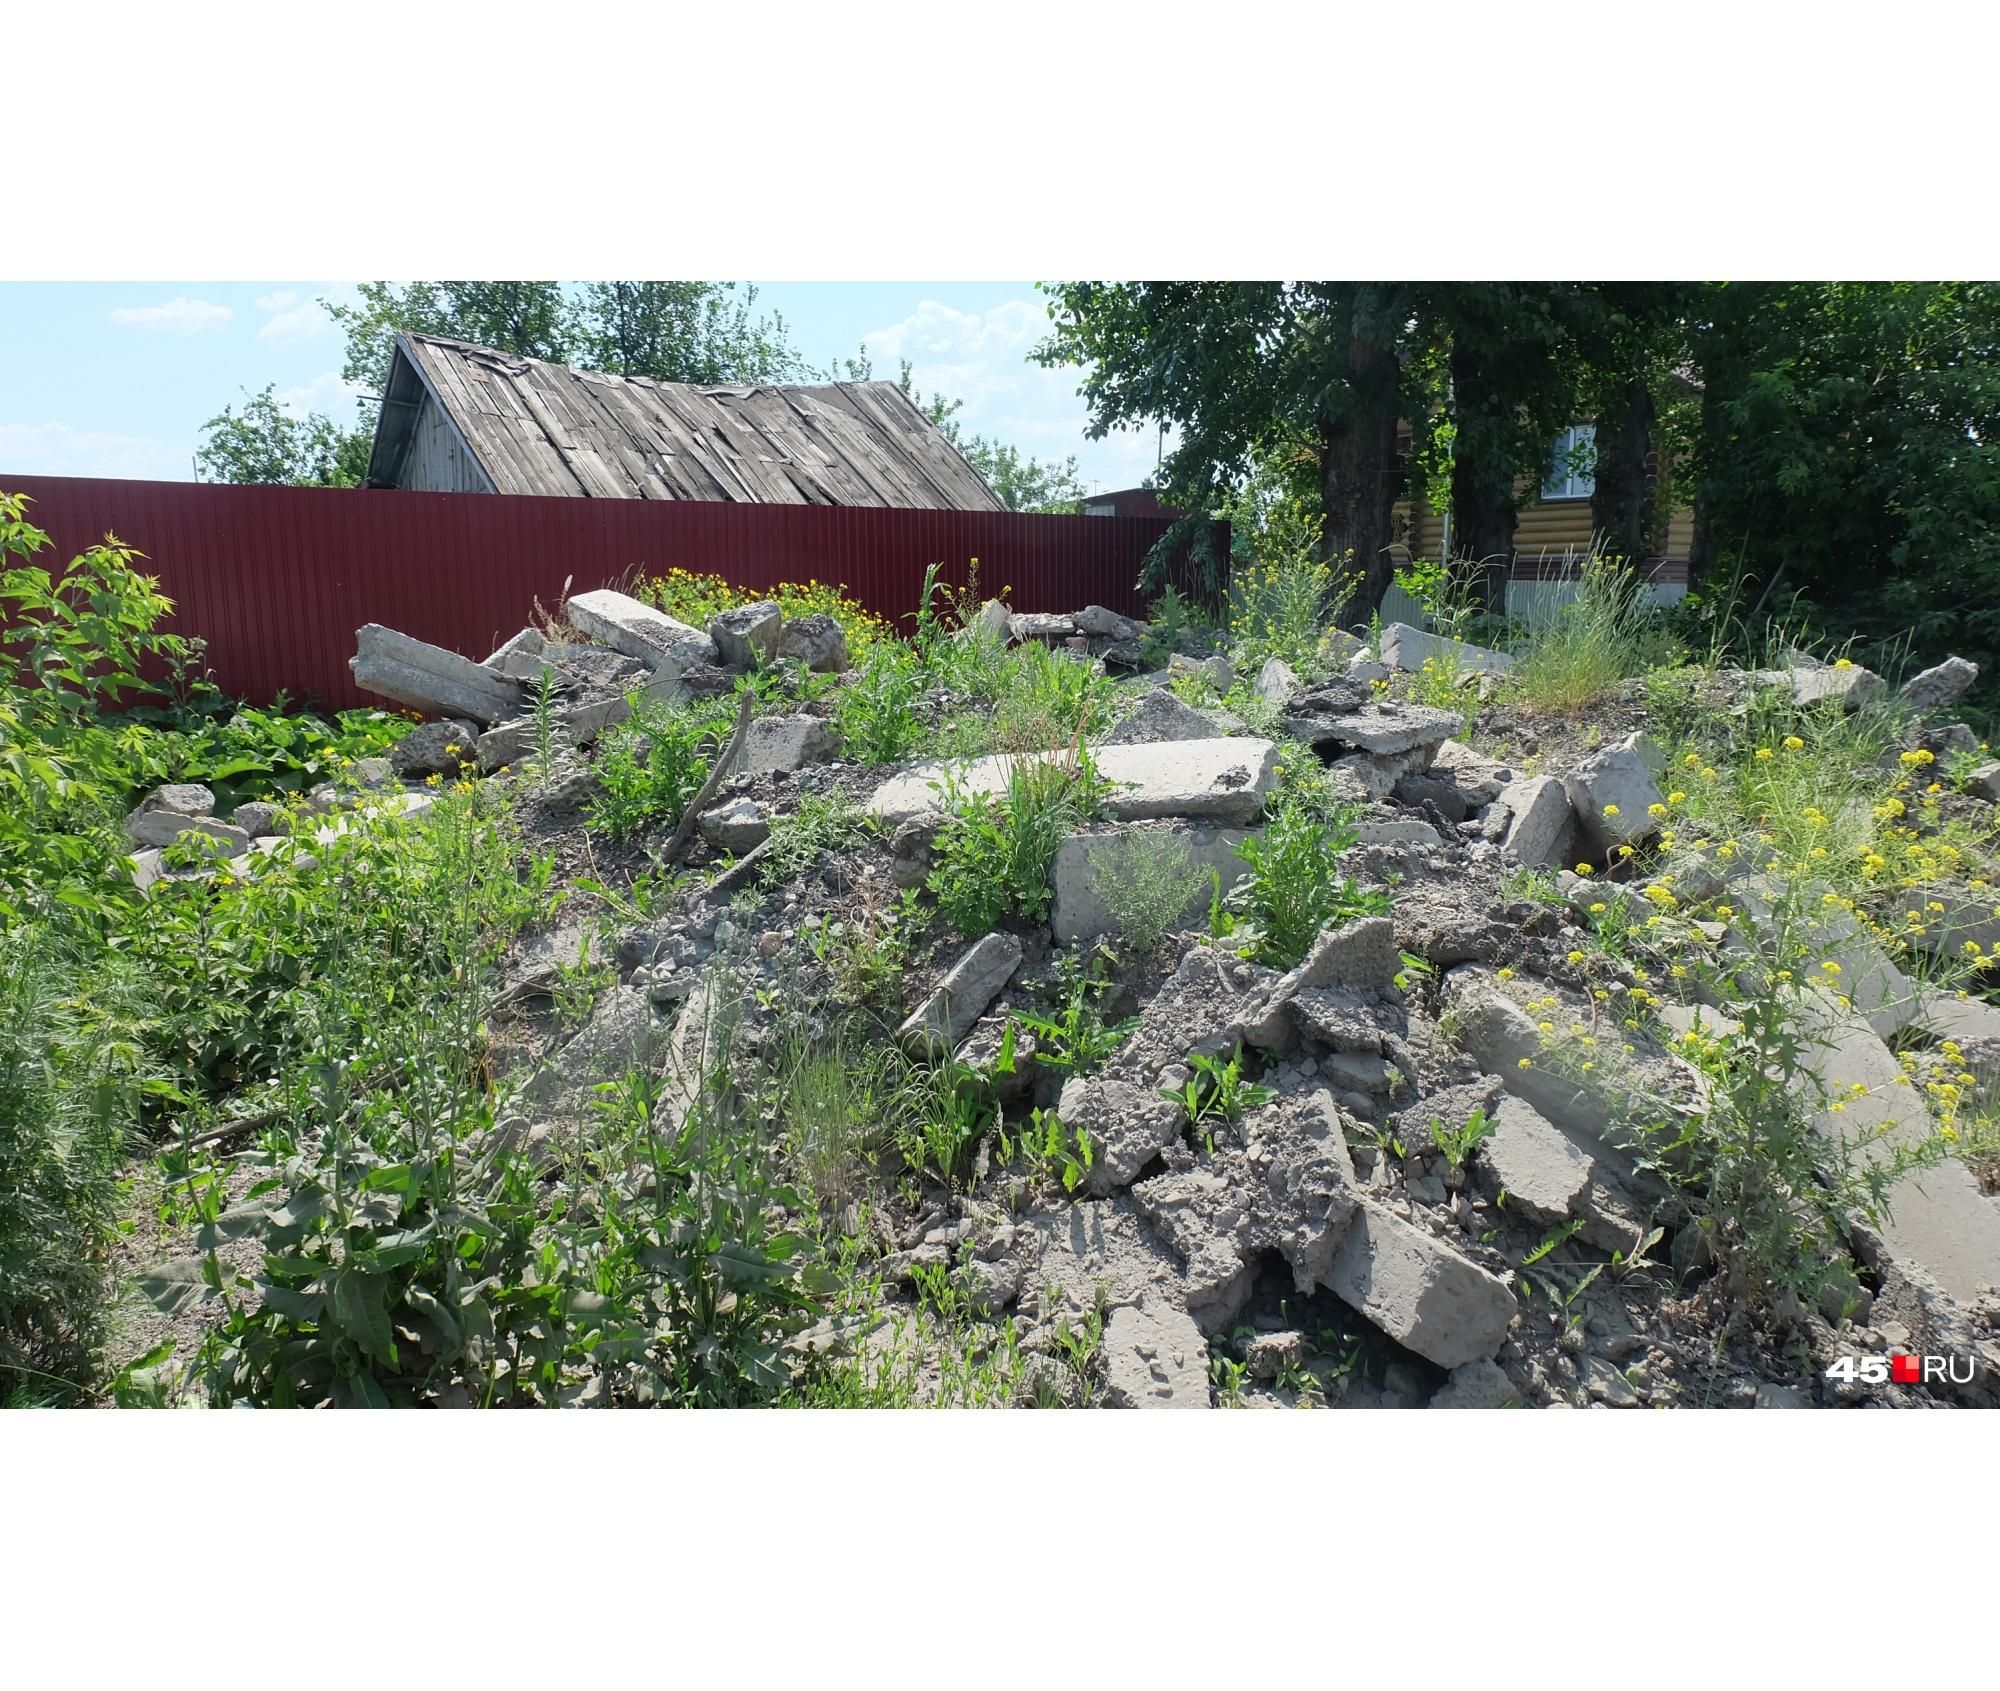 Летом, по словам местных жителей, сюда выбрасывают и строительный мусор